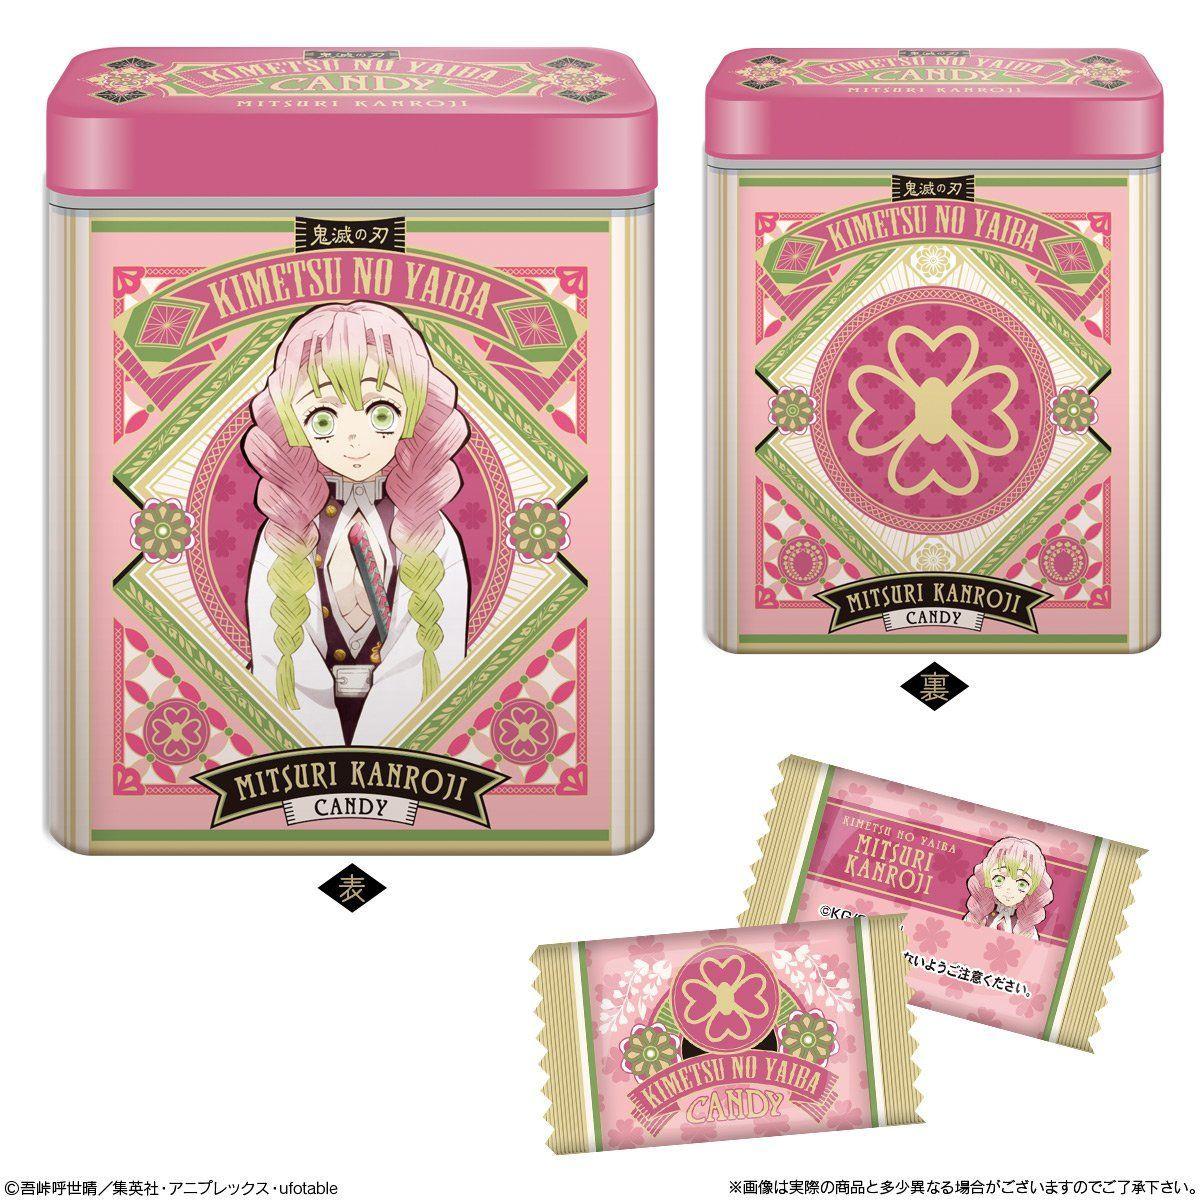 【食玩】『鬼滅の刃 CANDY缶コレクション2』12個入りBOX-005